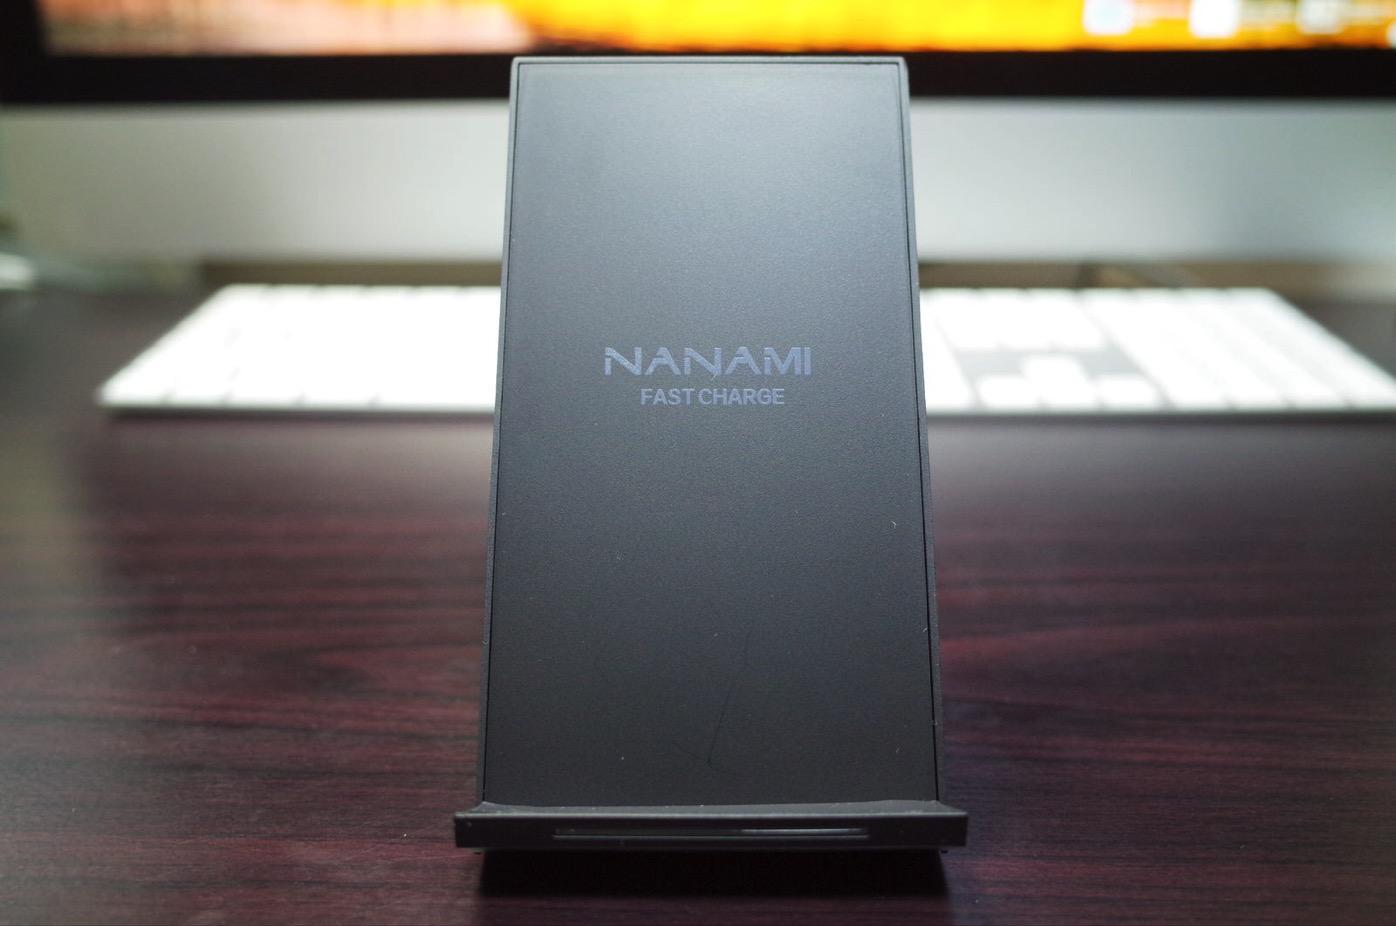 Qi 急速 ワイヤレス充電器 NANAMI Quick Charge 2.0 二つのコイル ワイヤレスチャージャー5